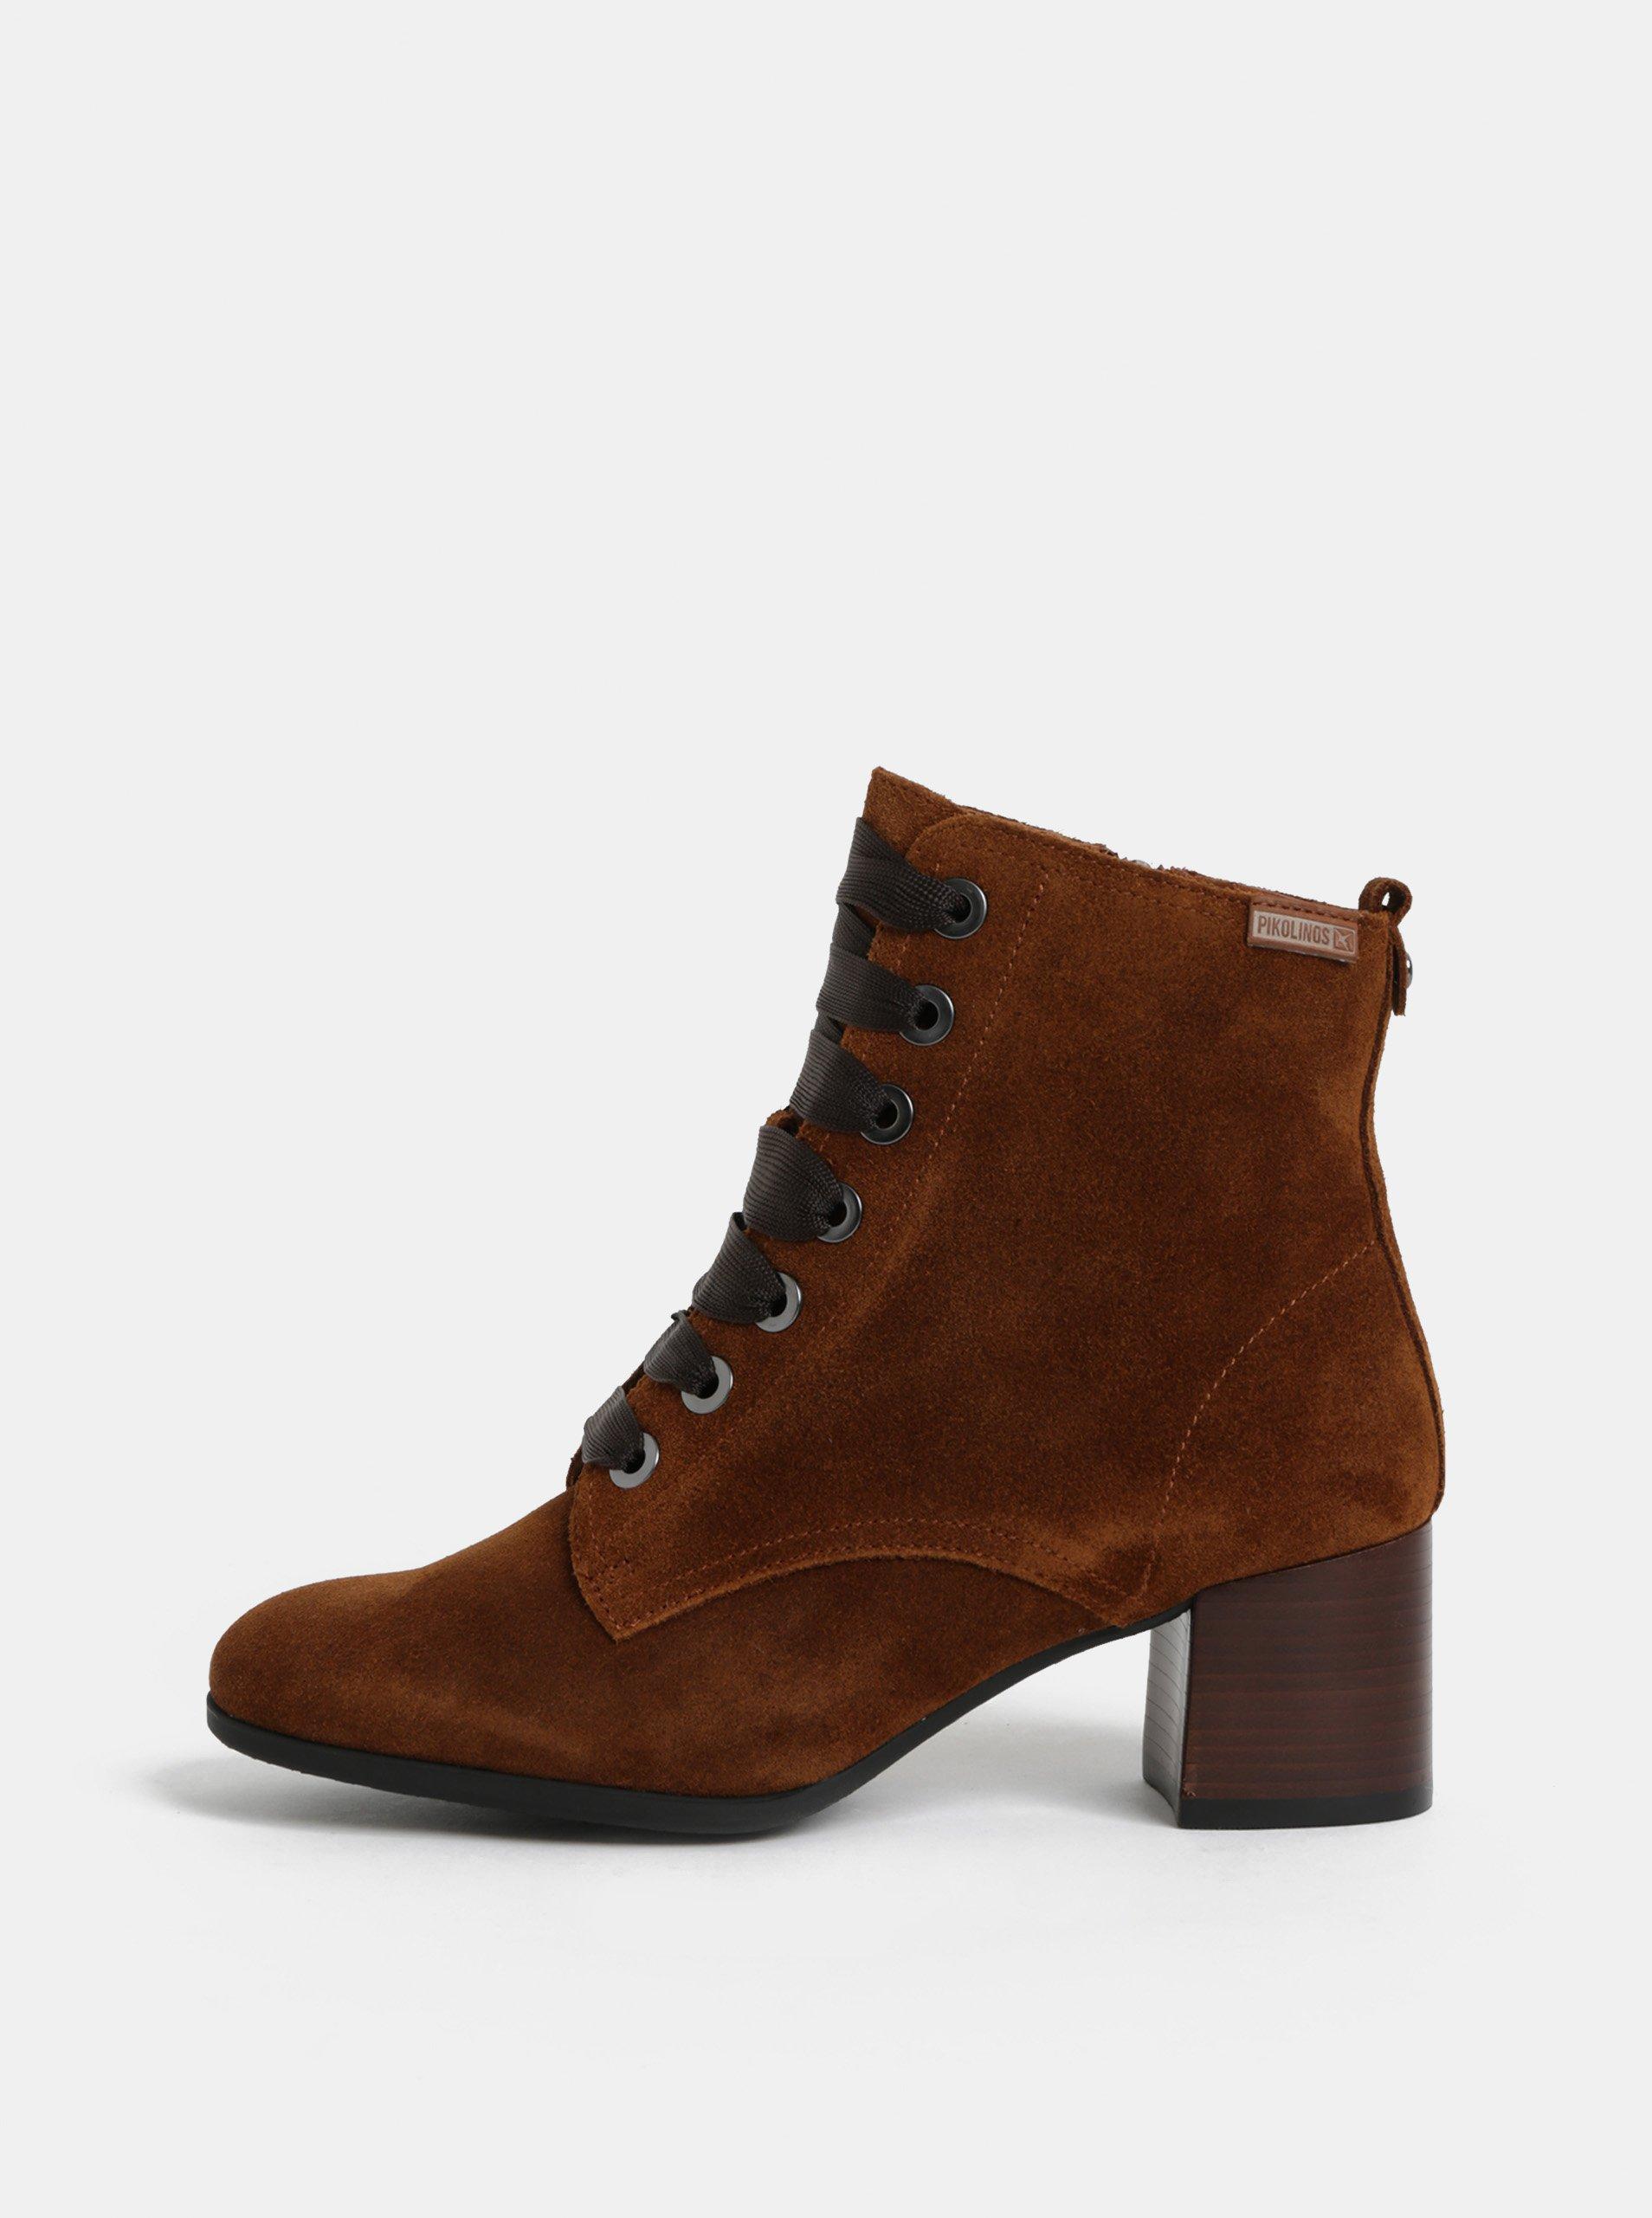 Hnědé semišové kotníkové boty Pikolinos Brandy